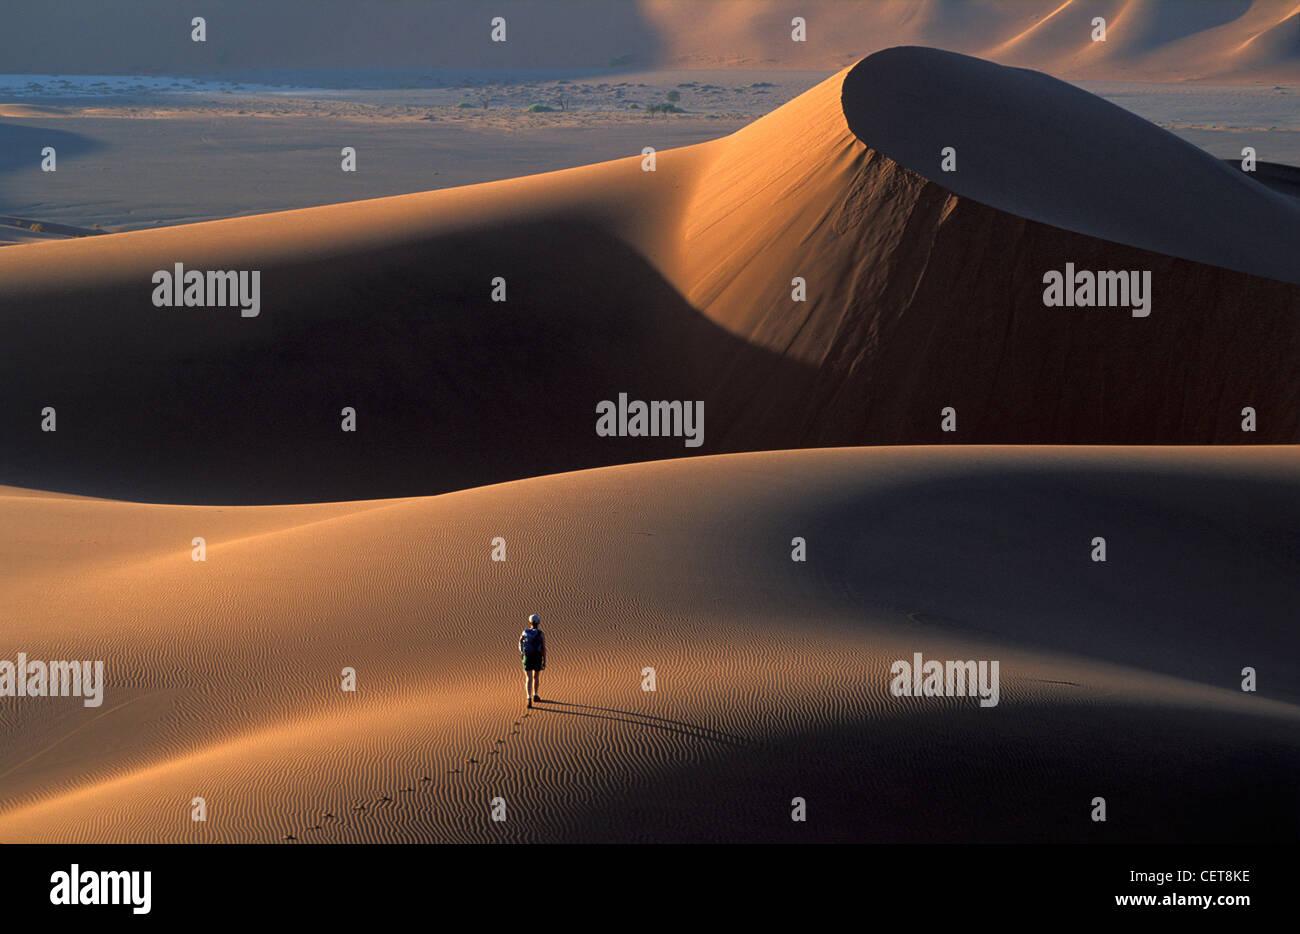 Hardiment de voie sur dunes de sable, Désert du Namib, Namibie, Afrique Photo Stock